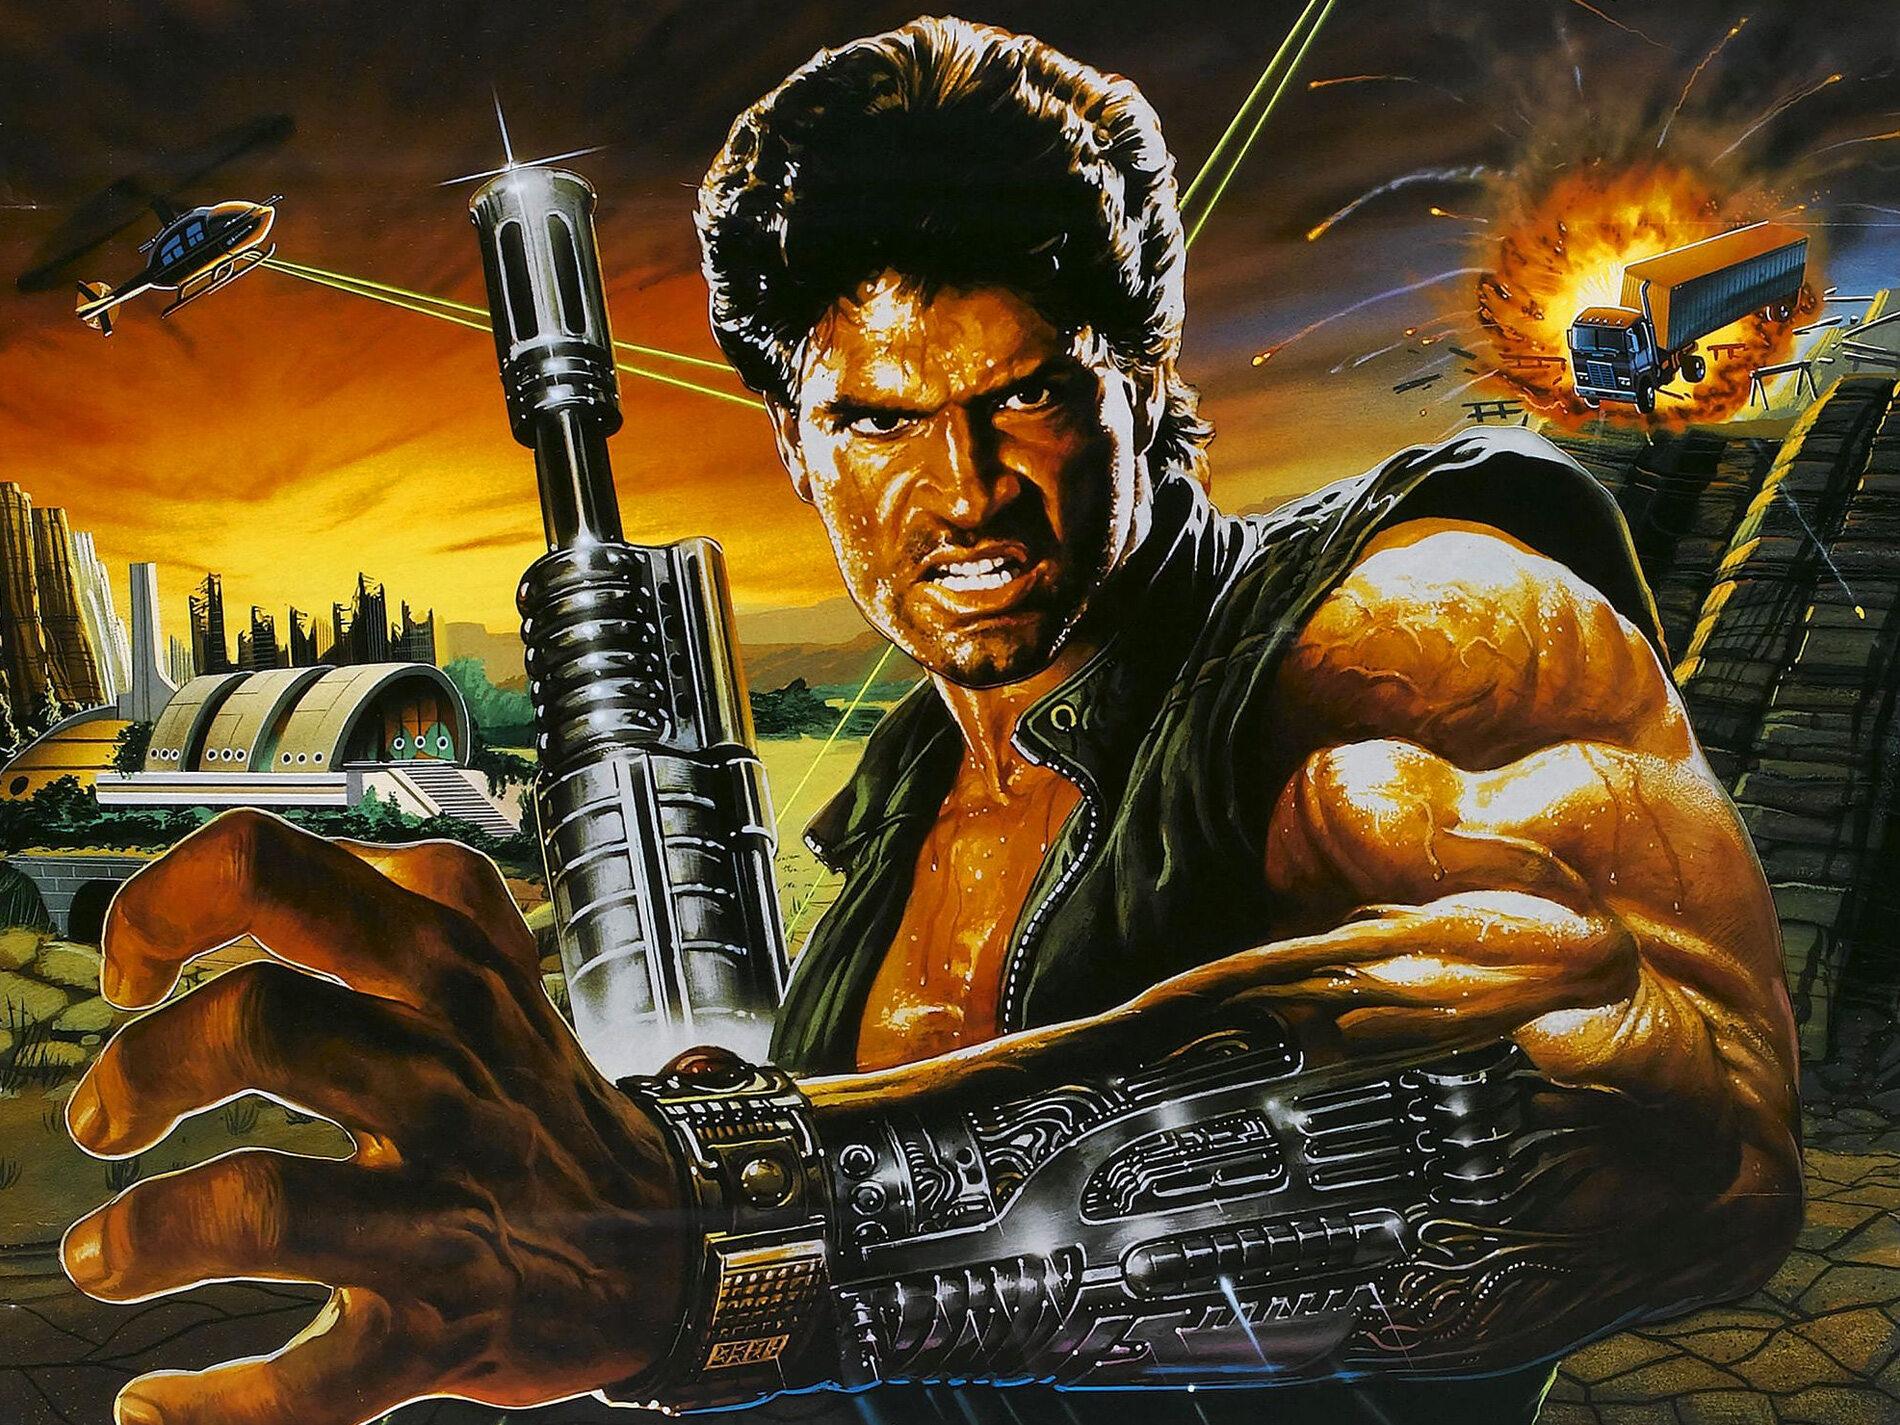 Paco - Maszyna śmierci / Hands of Steel (1986)